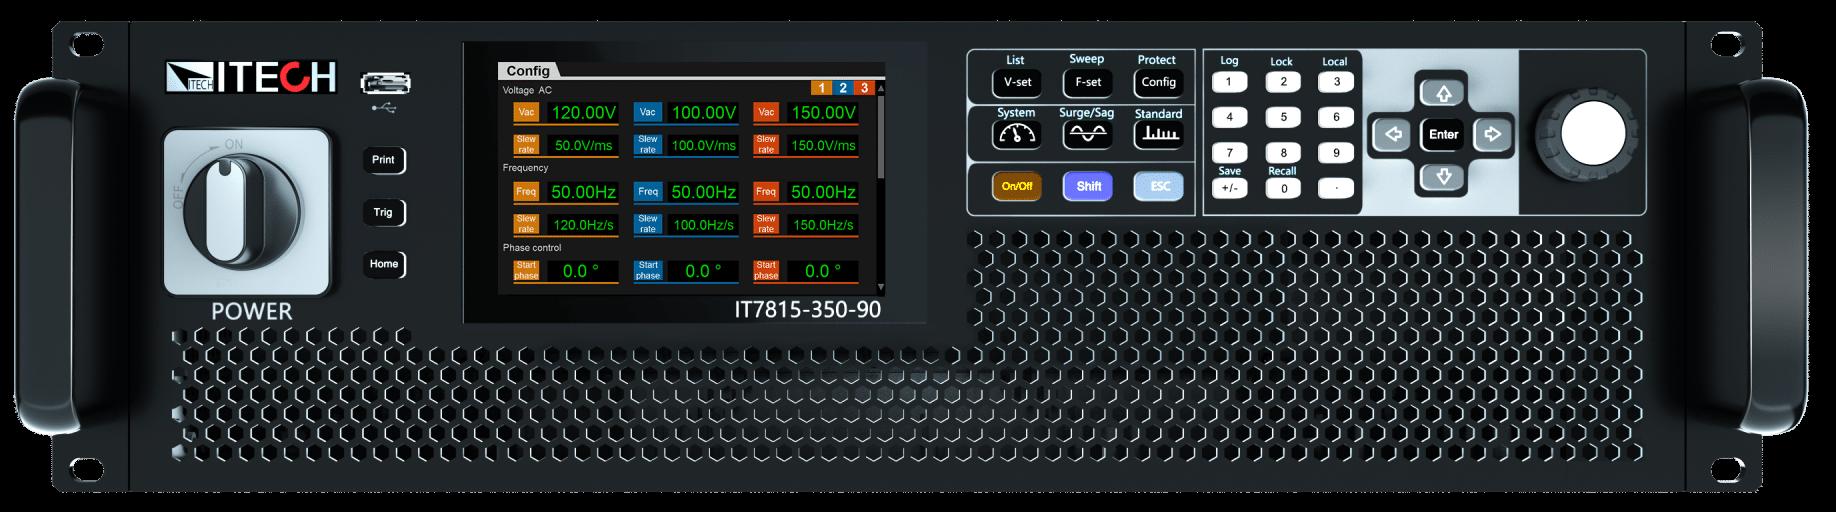 Itech IT7800 high power programmable AC/DC power supplies